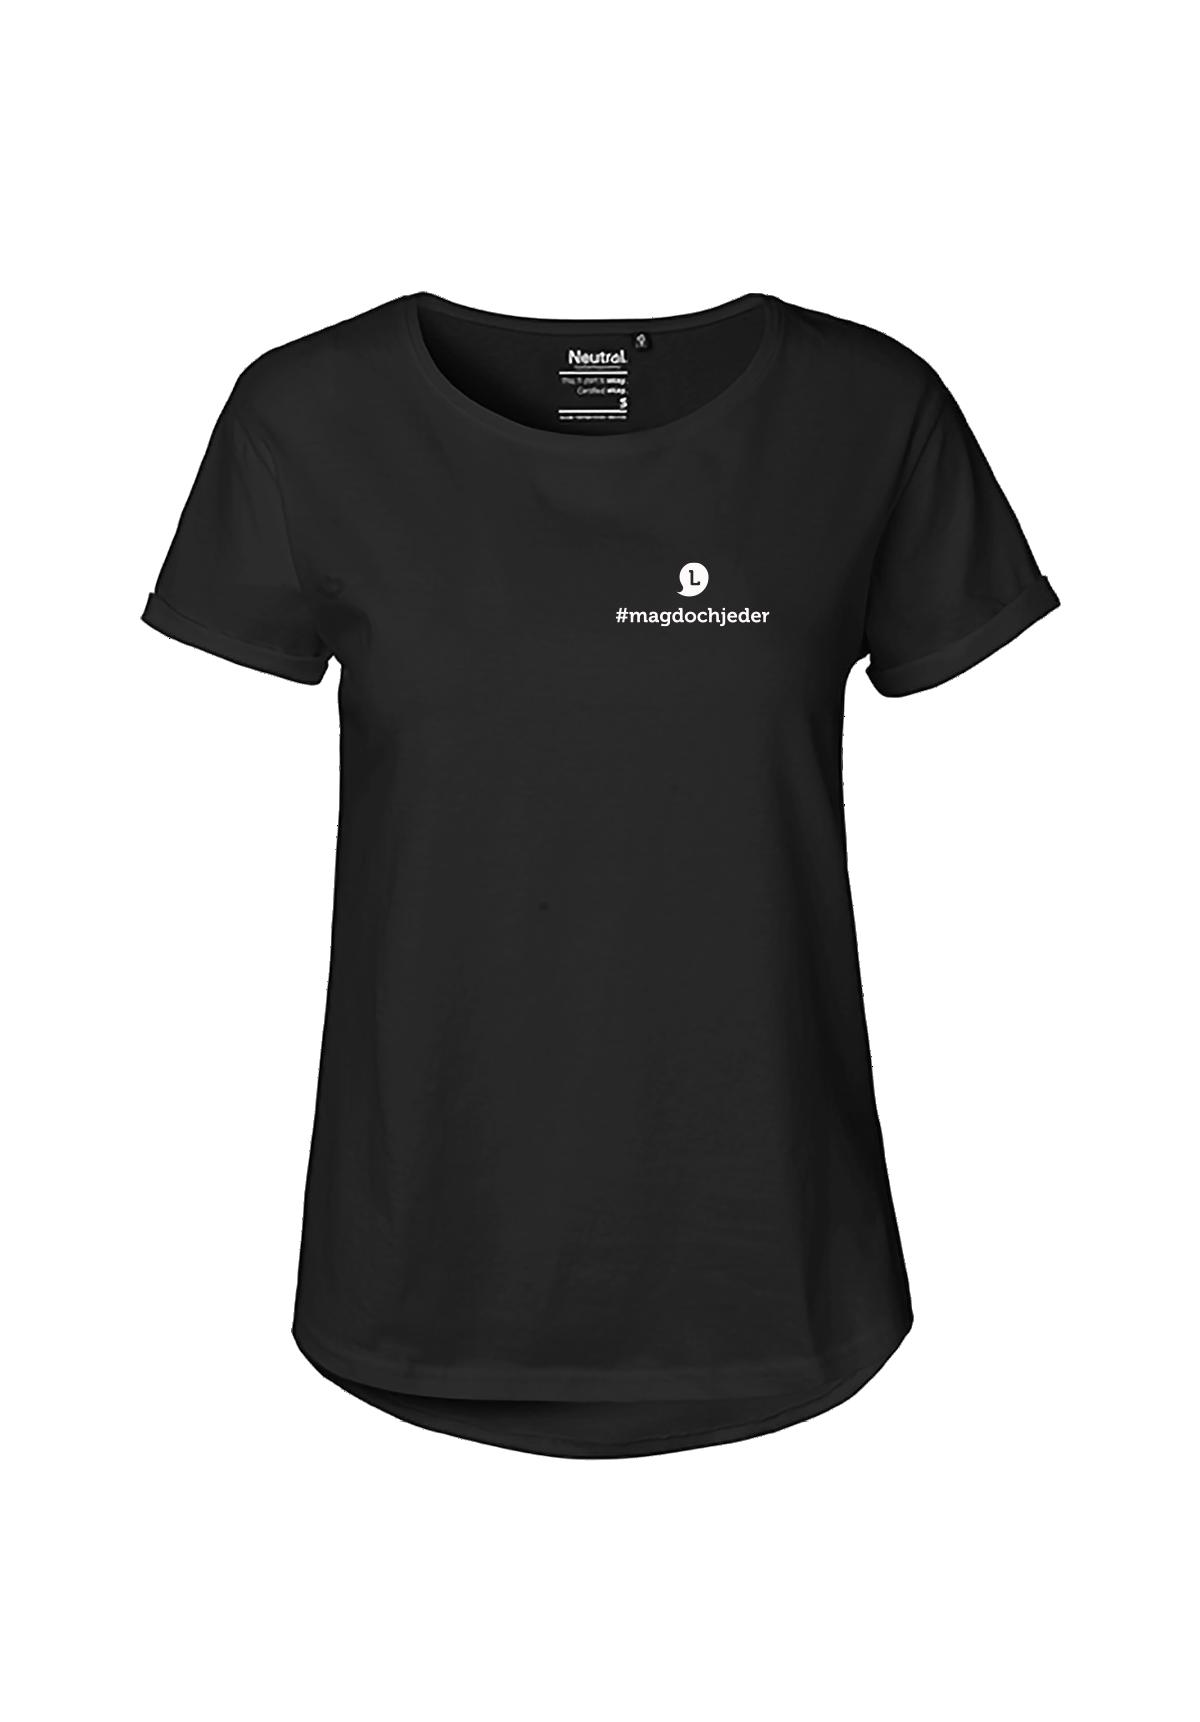 Damen T-Shirt #magdochjeder